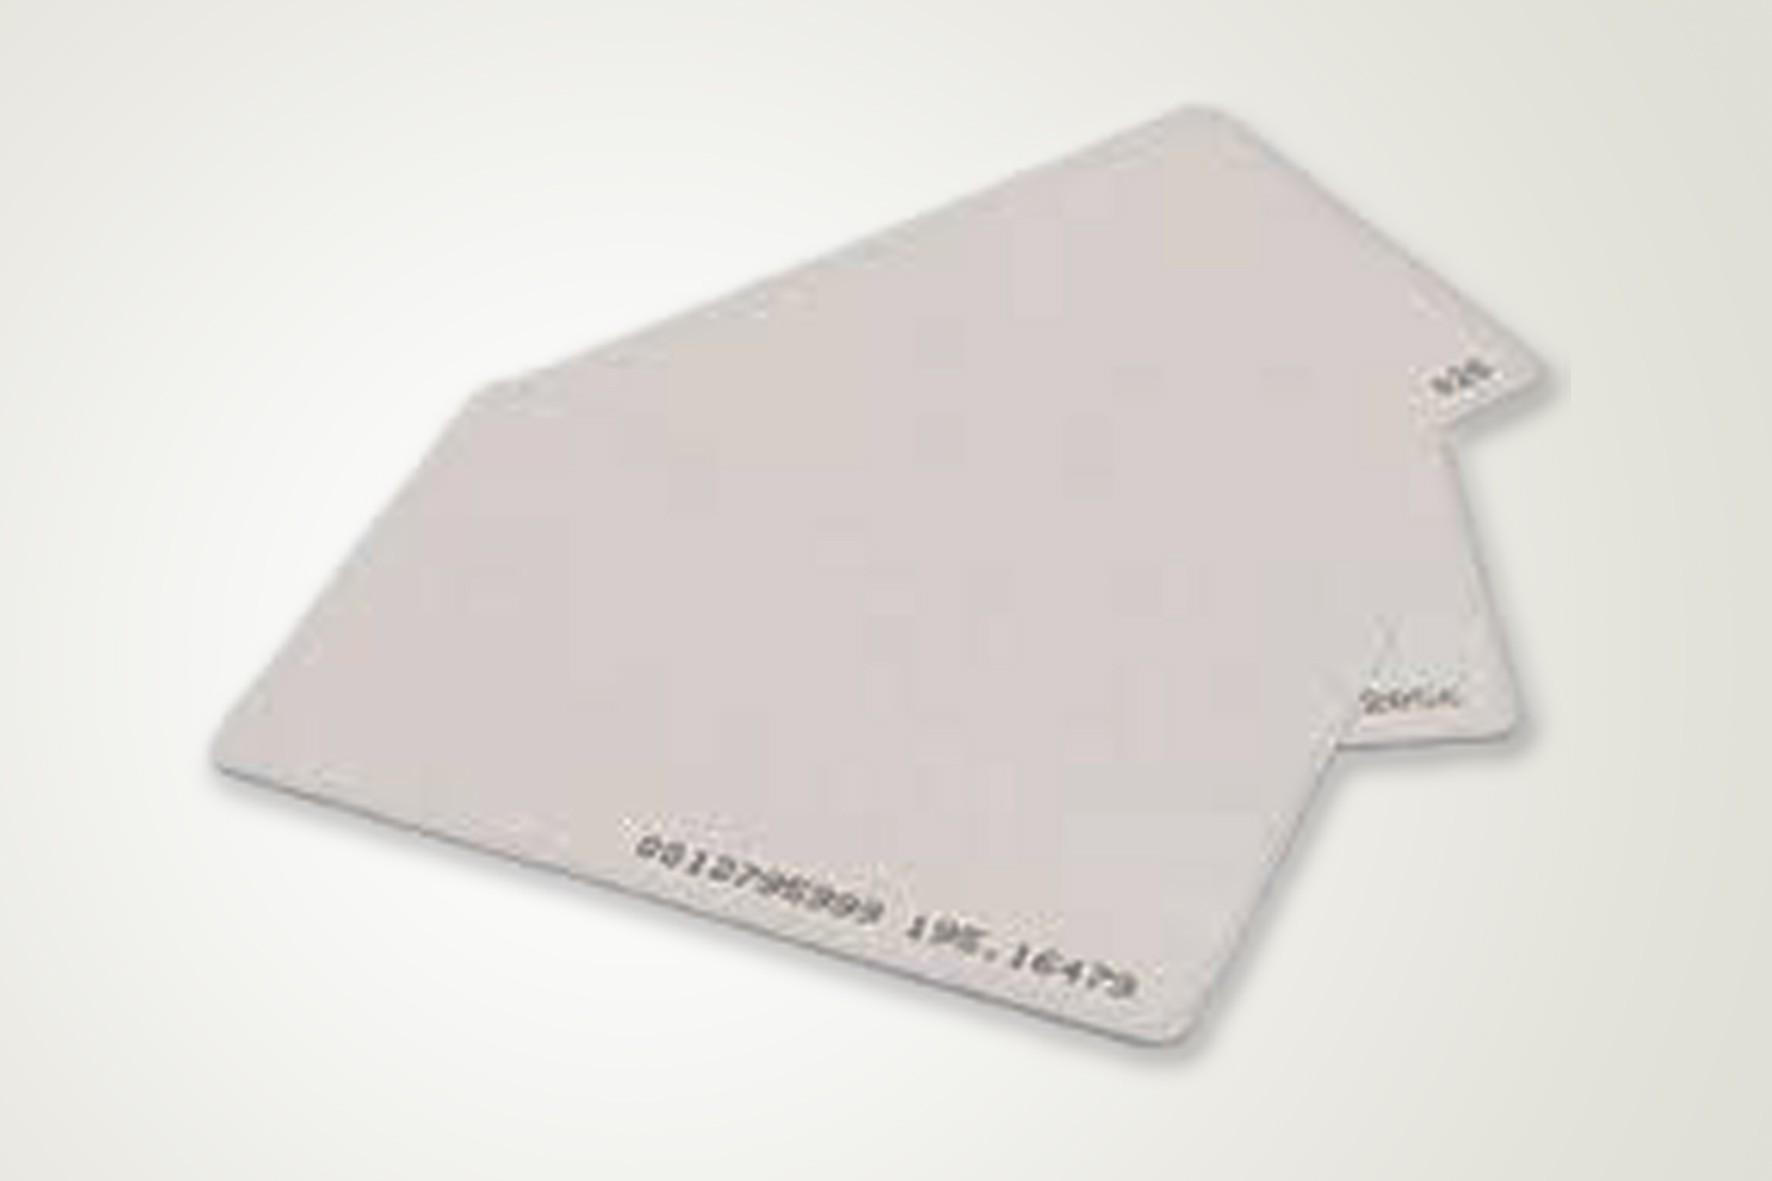 Cartões com Chip de Proximidade na Vila Bela - Calendário de Pvc